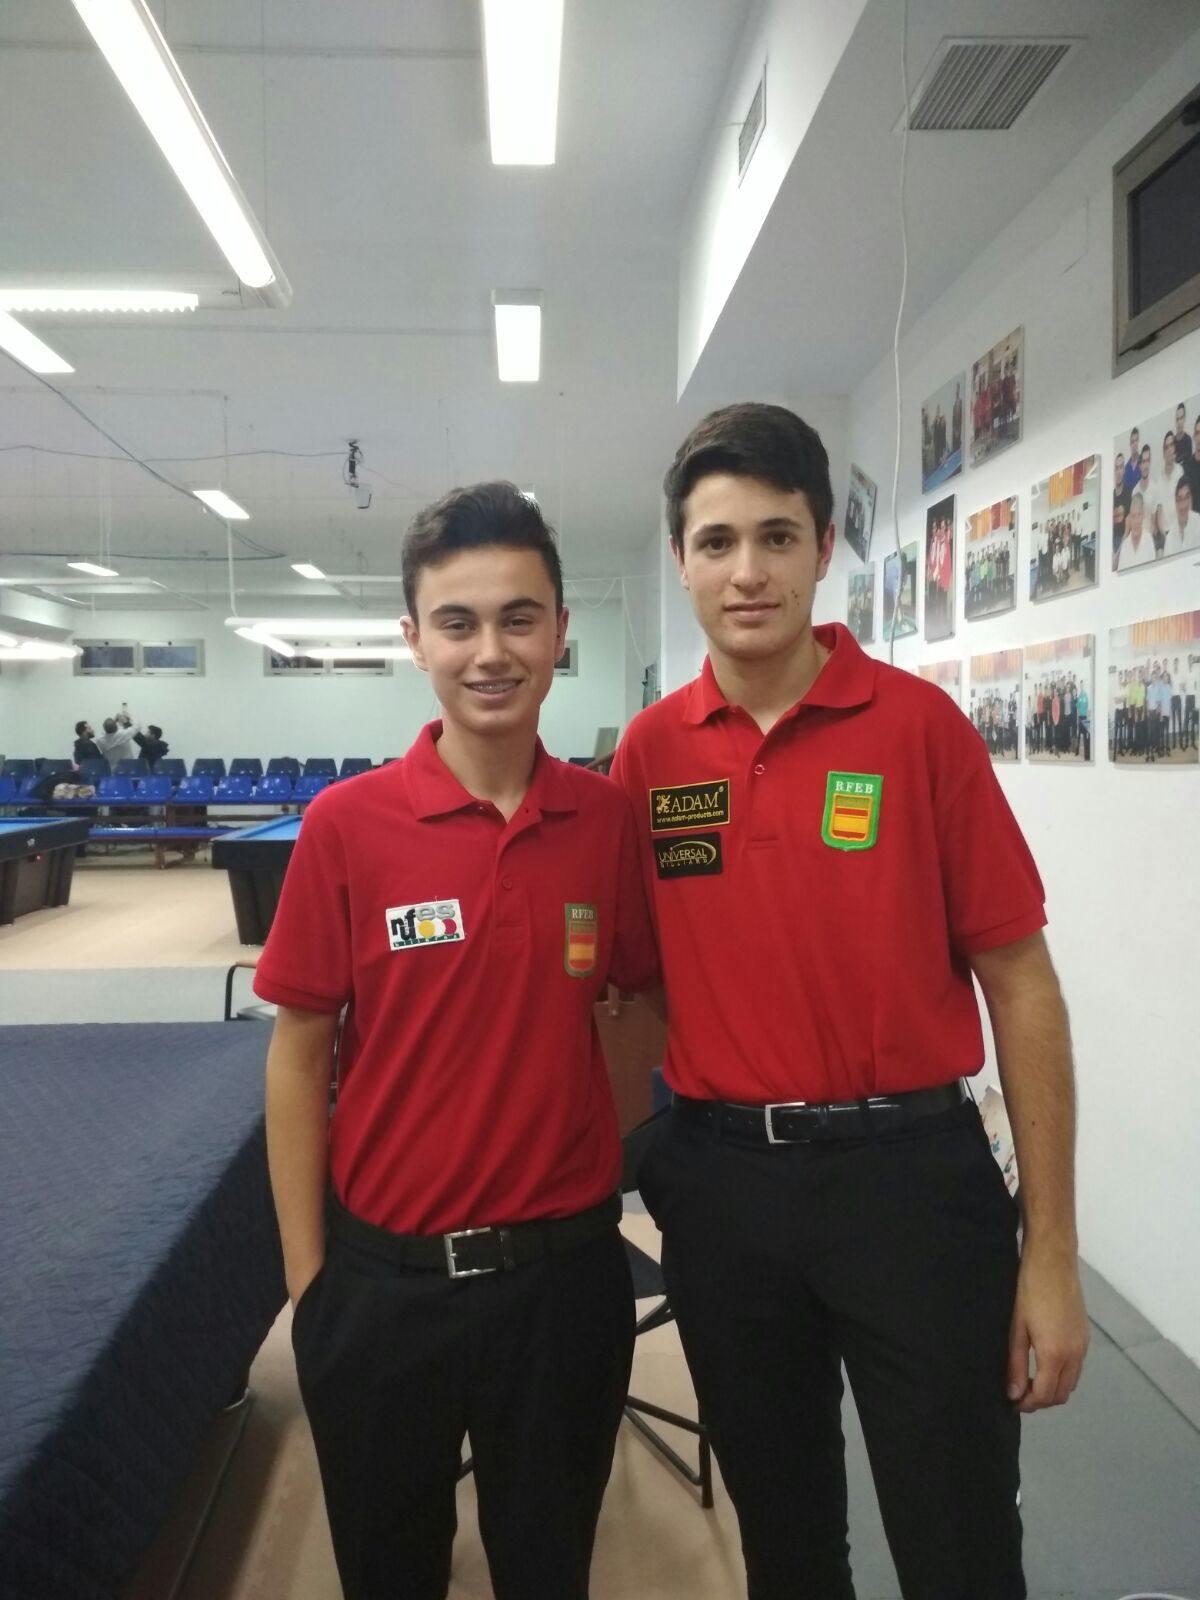 El ibense Iván Mayor y el colivenc Luis Mira, plata y bronce, respectivamente, en el Campeonato de España de Billar Sub-17